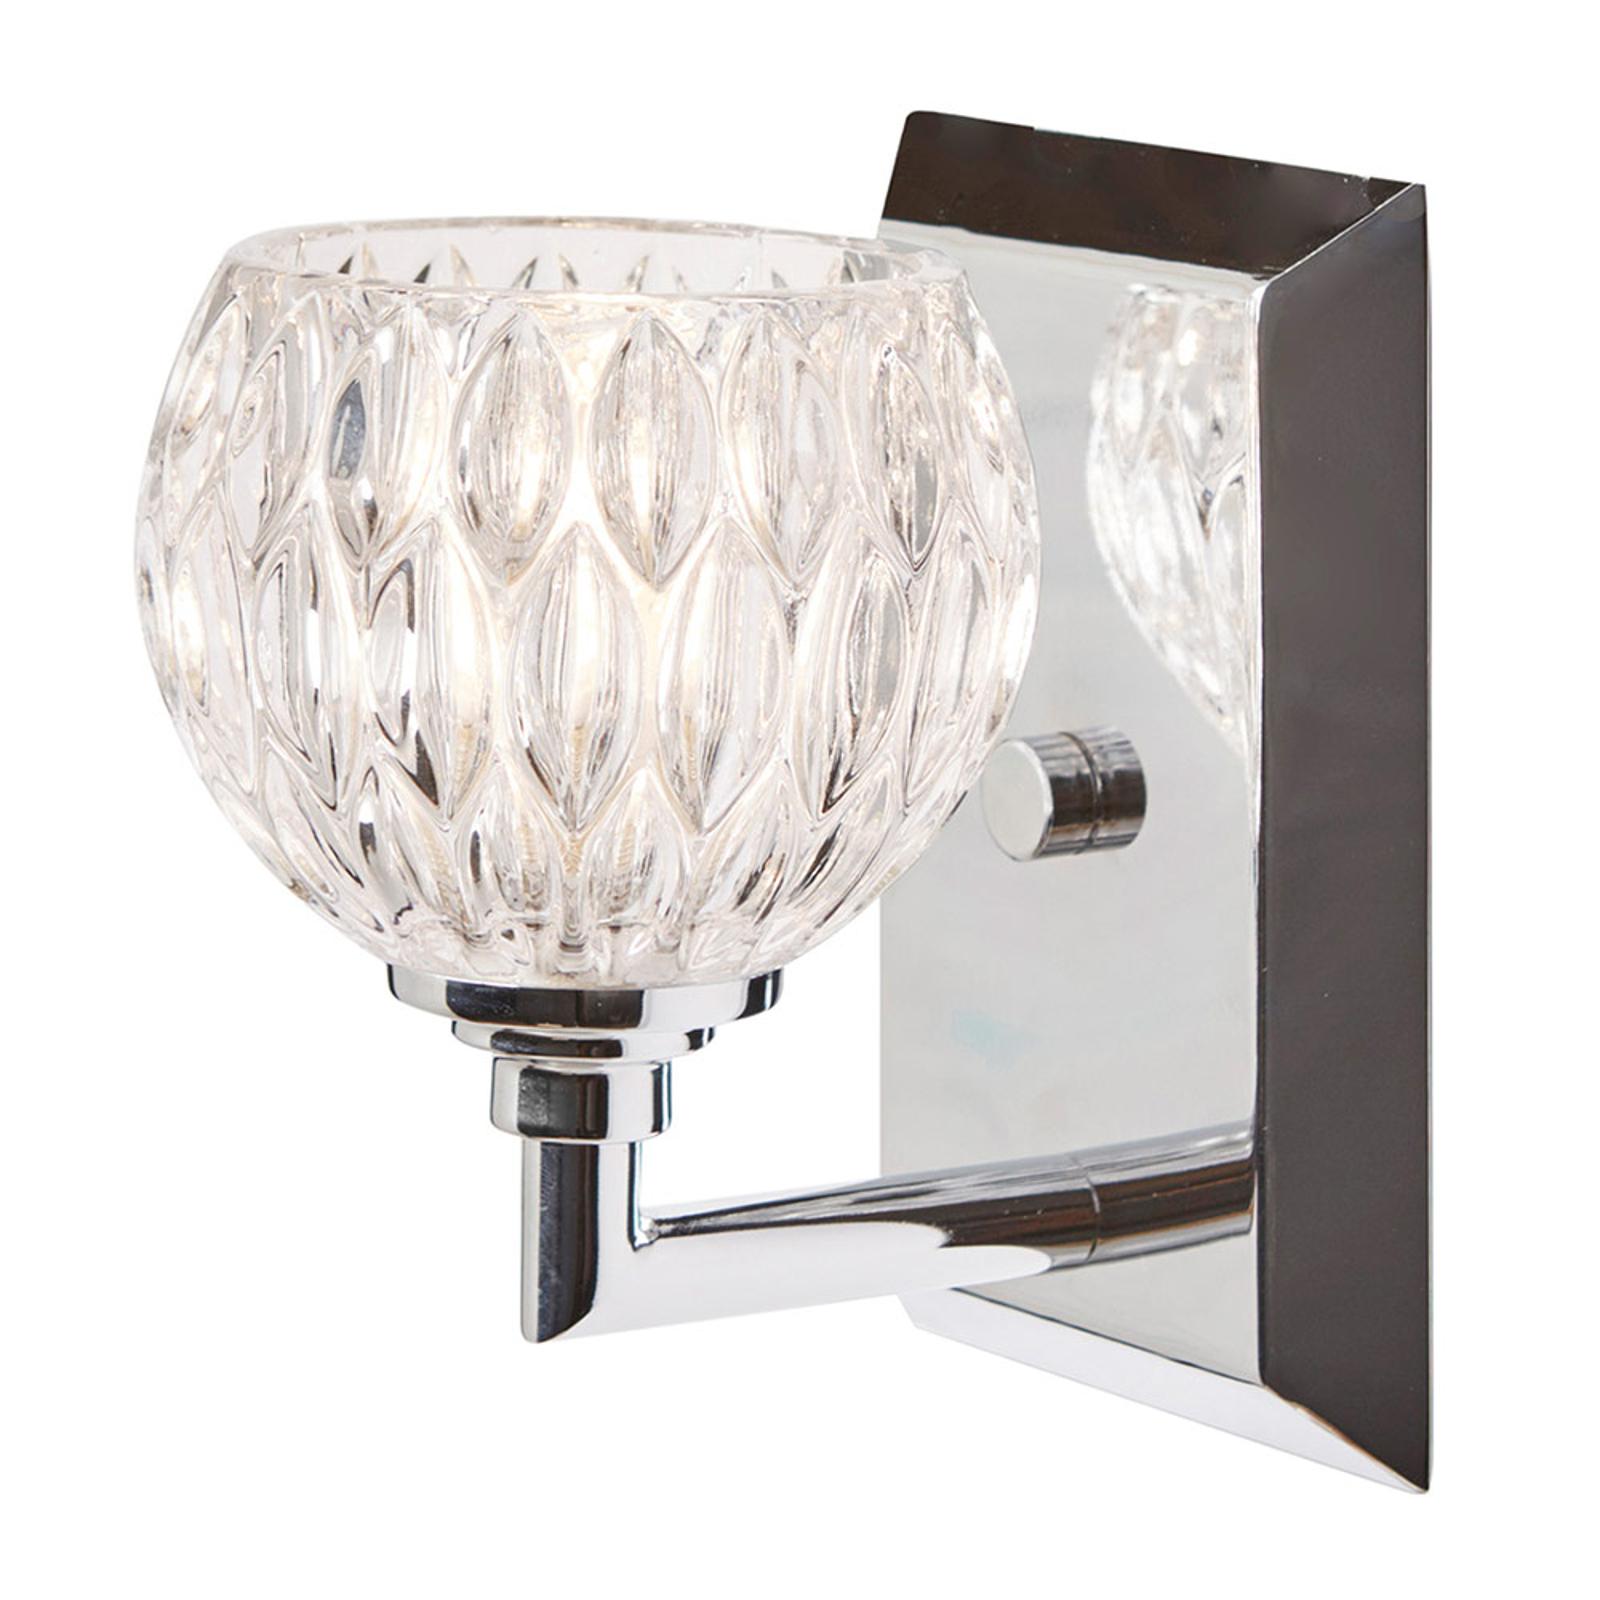 Serena væglampe til badeværelset, 1 lyskilde